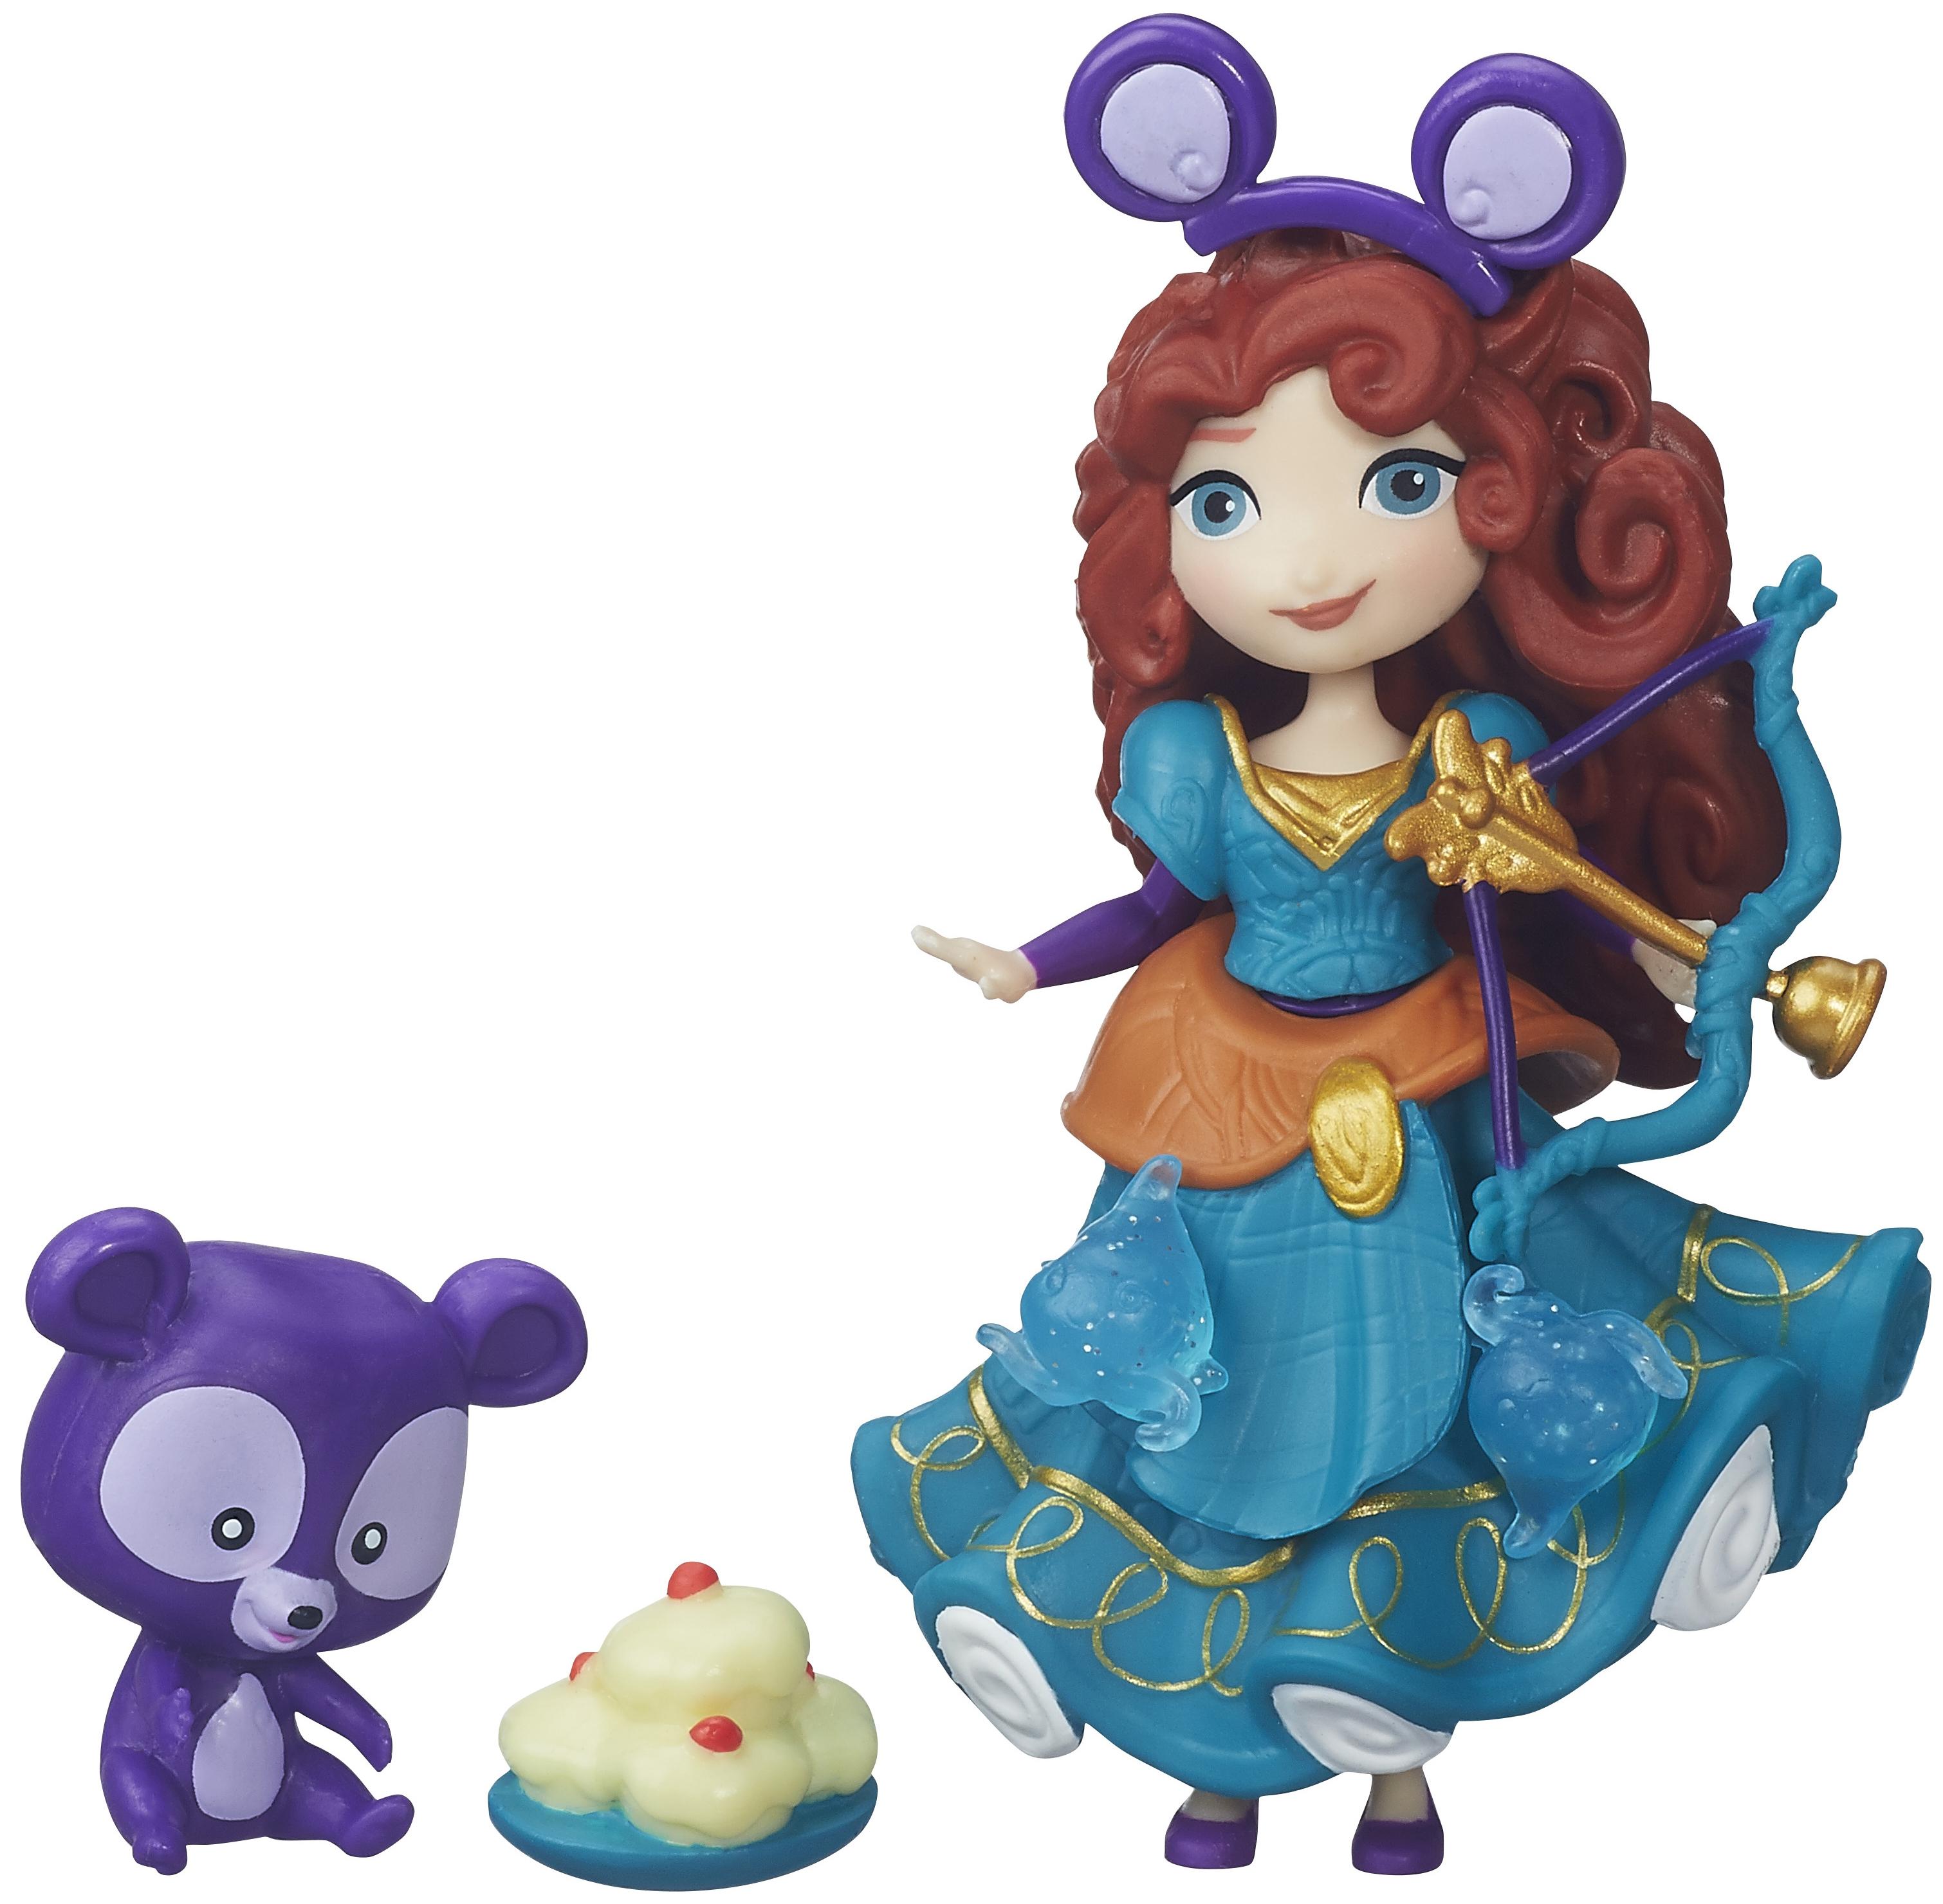 Disney Princess Disney Princess Маленькая Принцесса и ее друг sofia the first игровой набор с мини куклой принцесса эмбер и королевская арфа